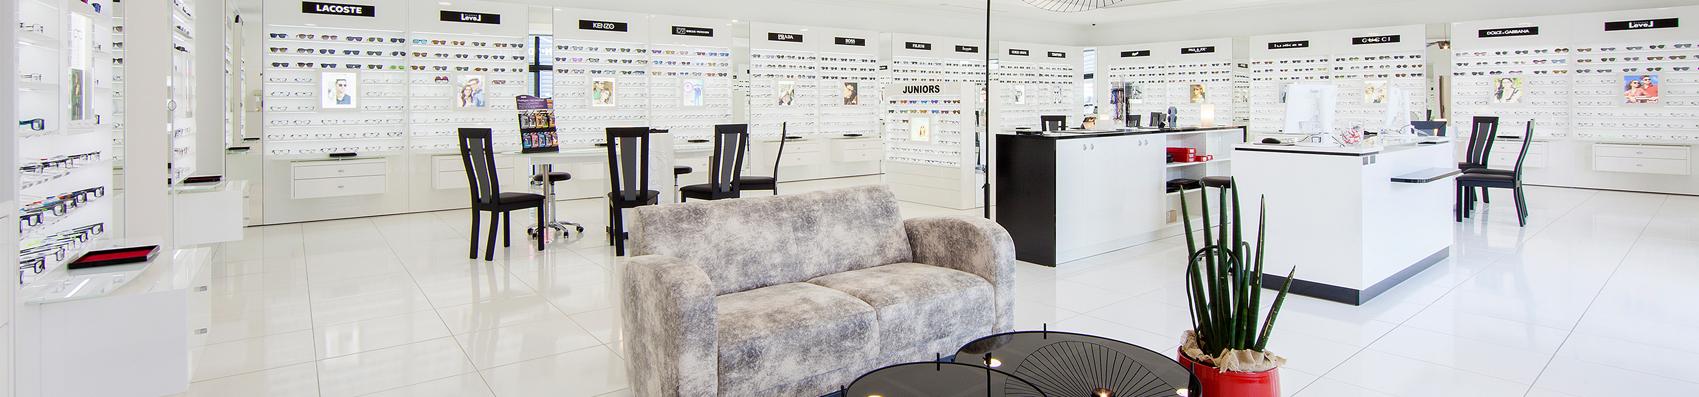 Retrouvez tous les avis client sur les offres et services Optical Center 50b38d6b5acd